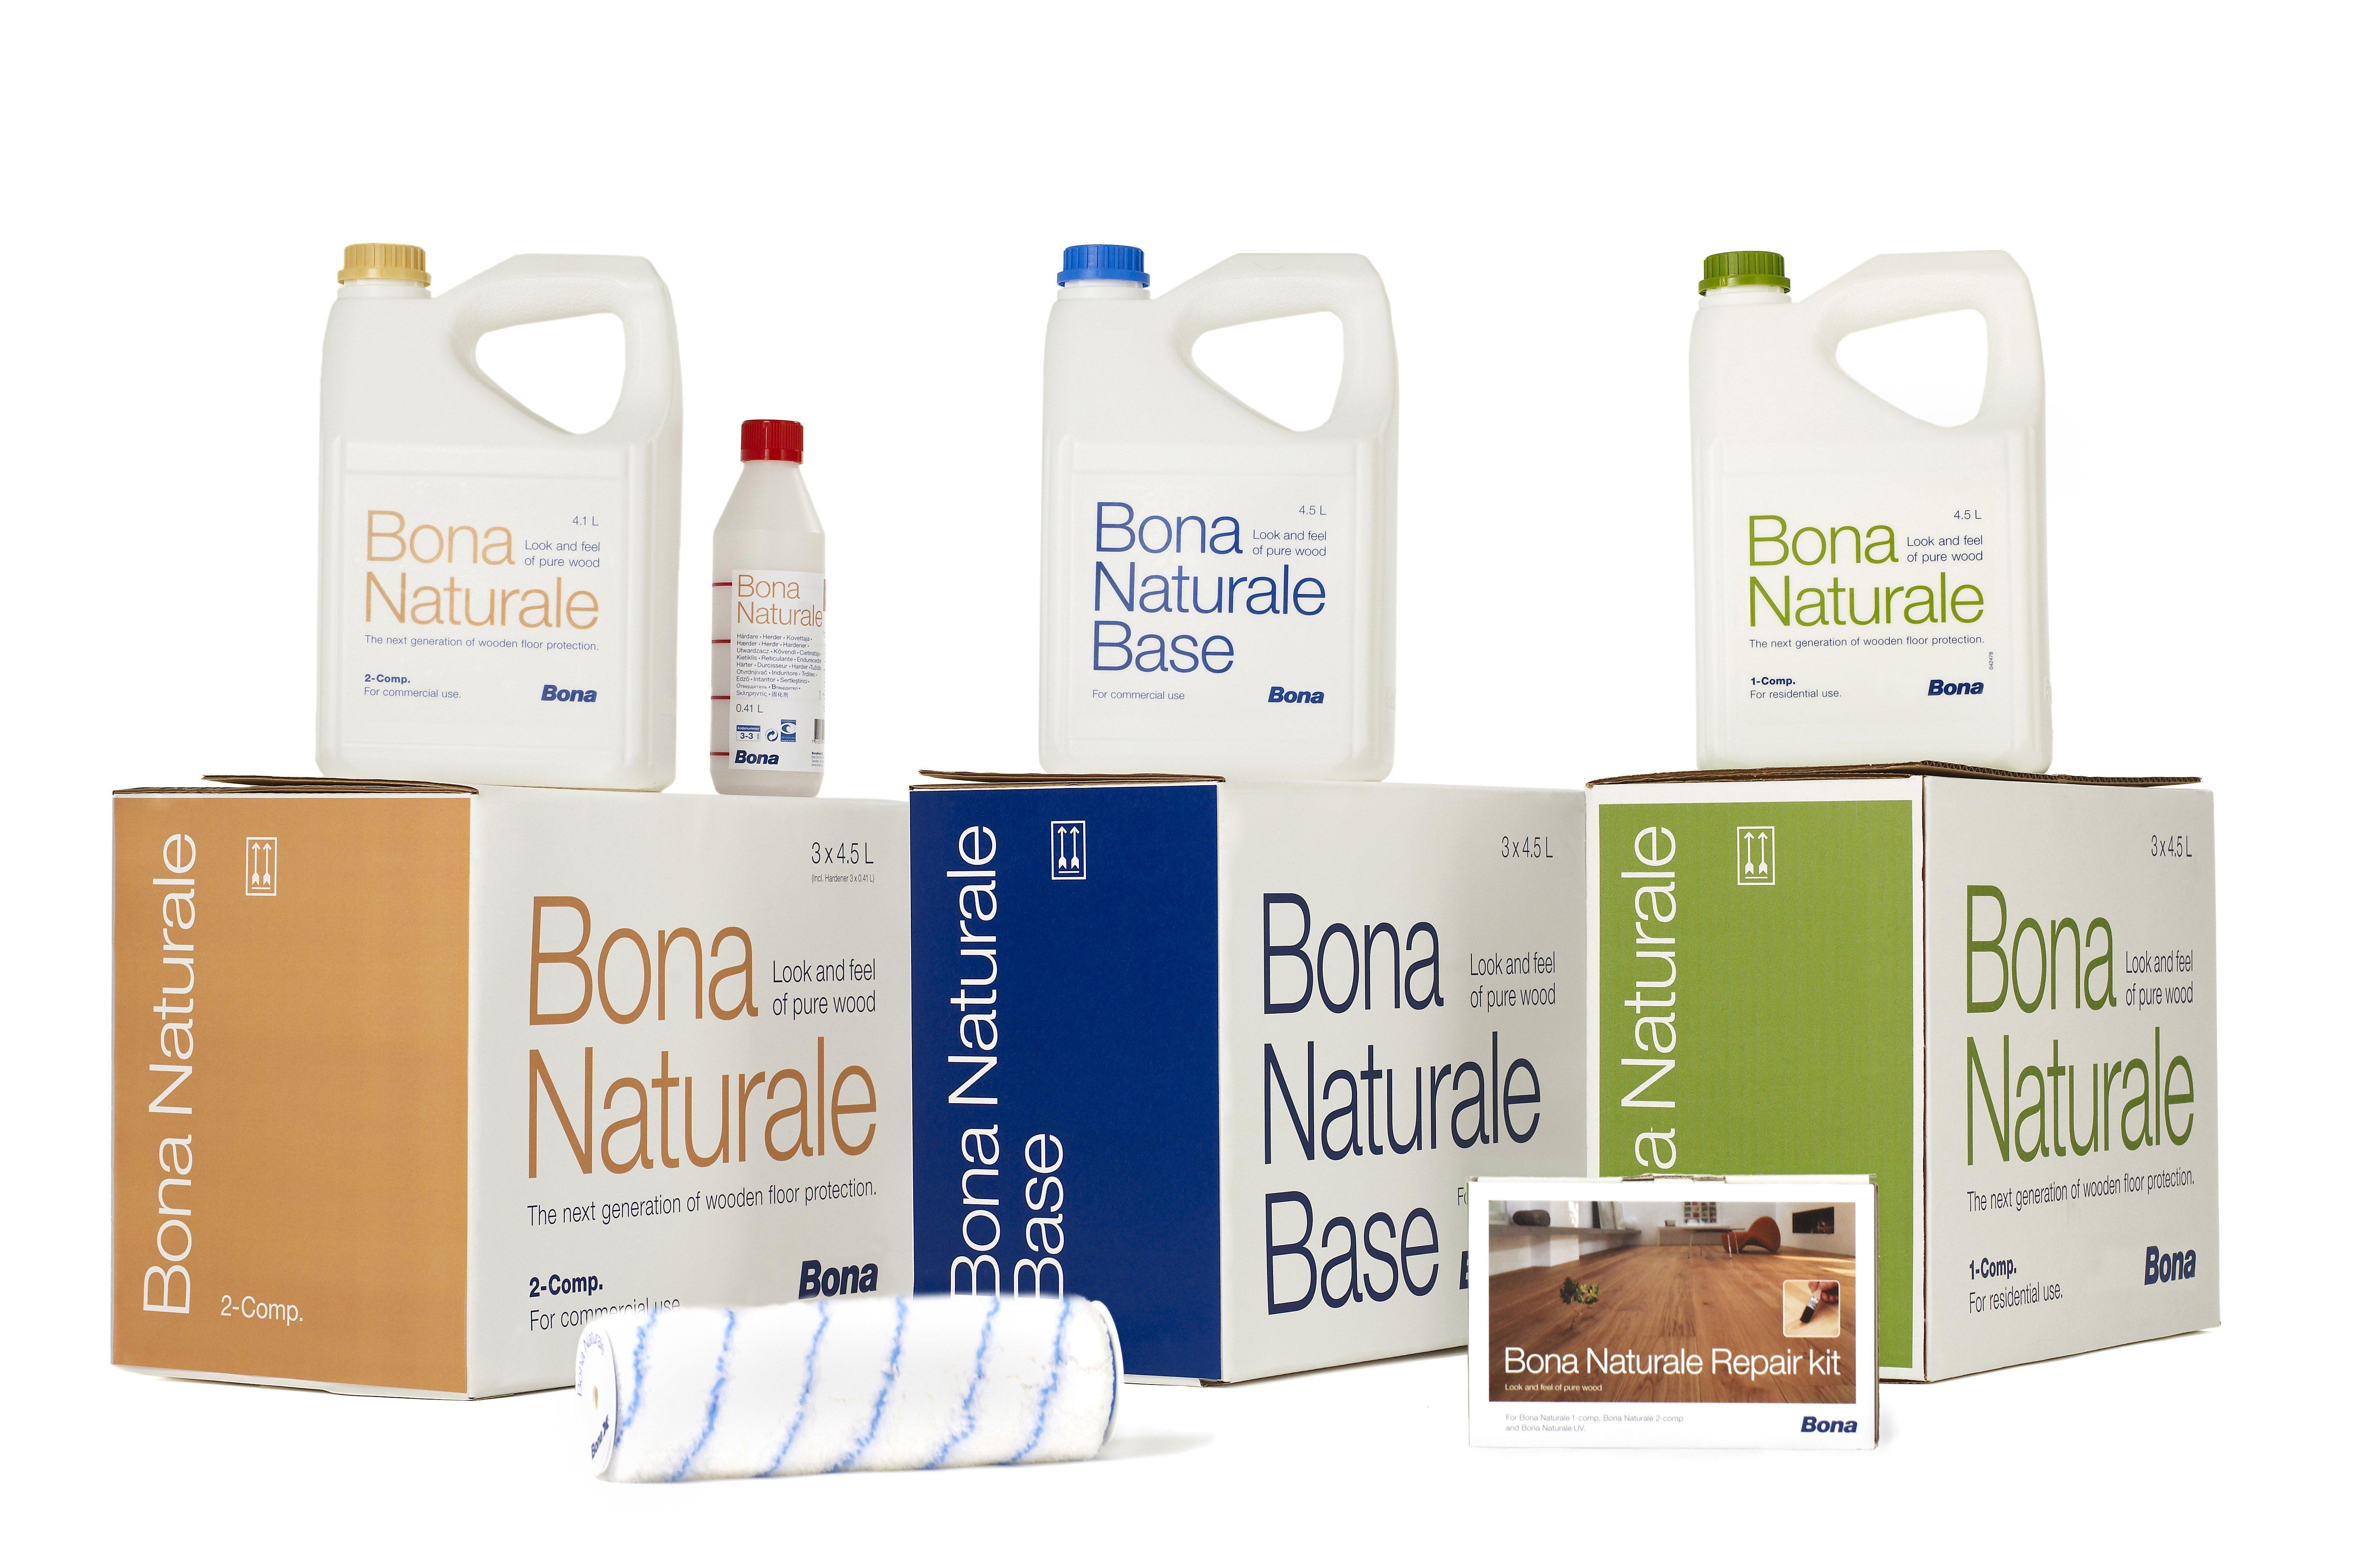 contenitori prodotti per pulizie